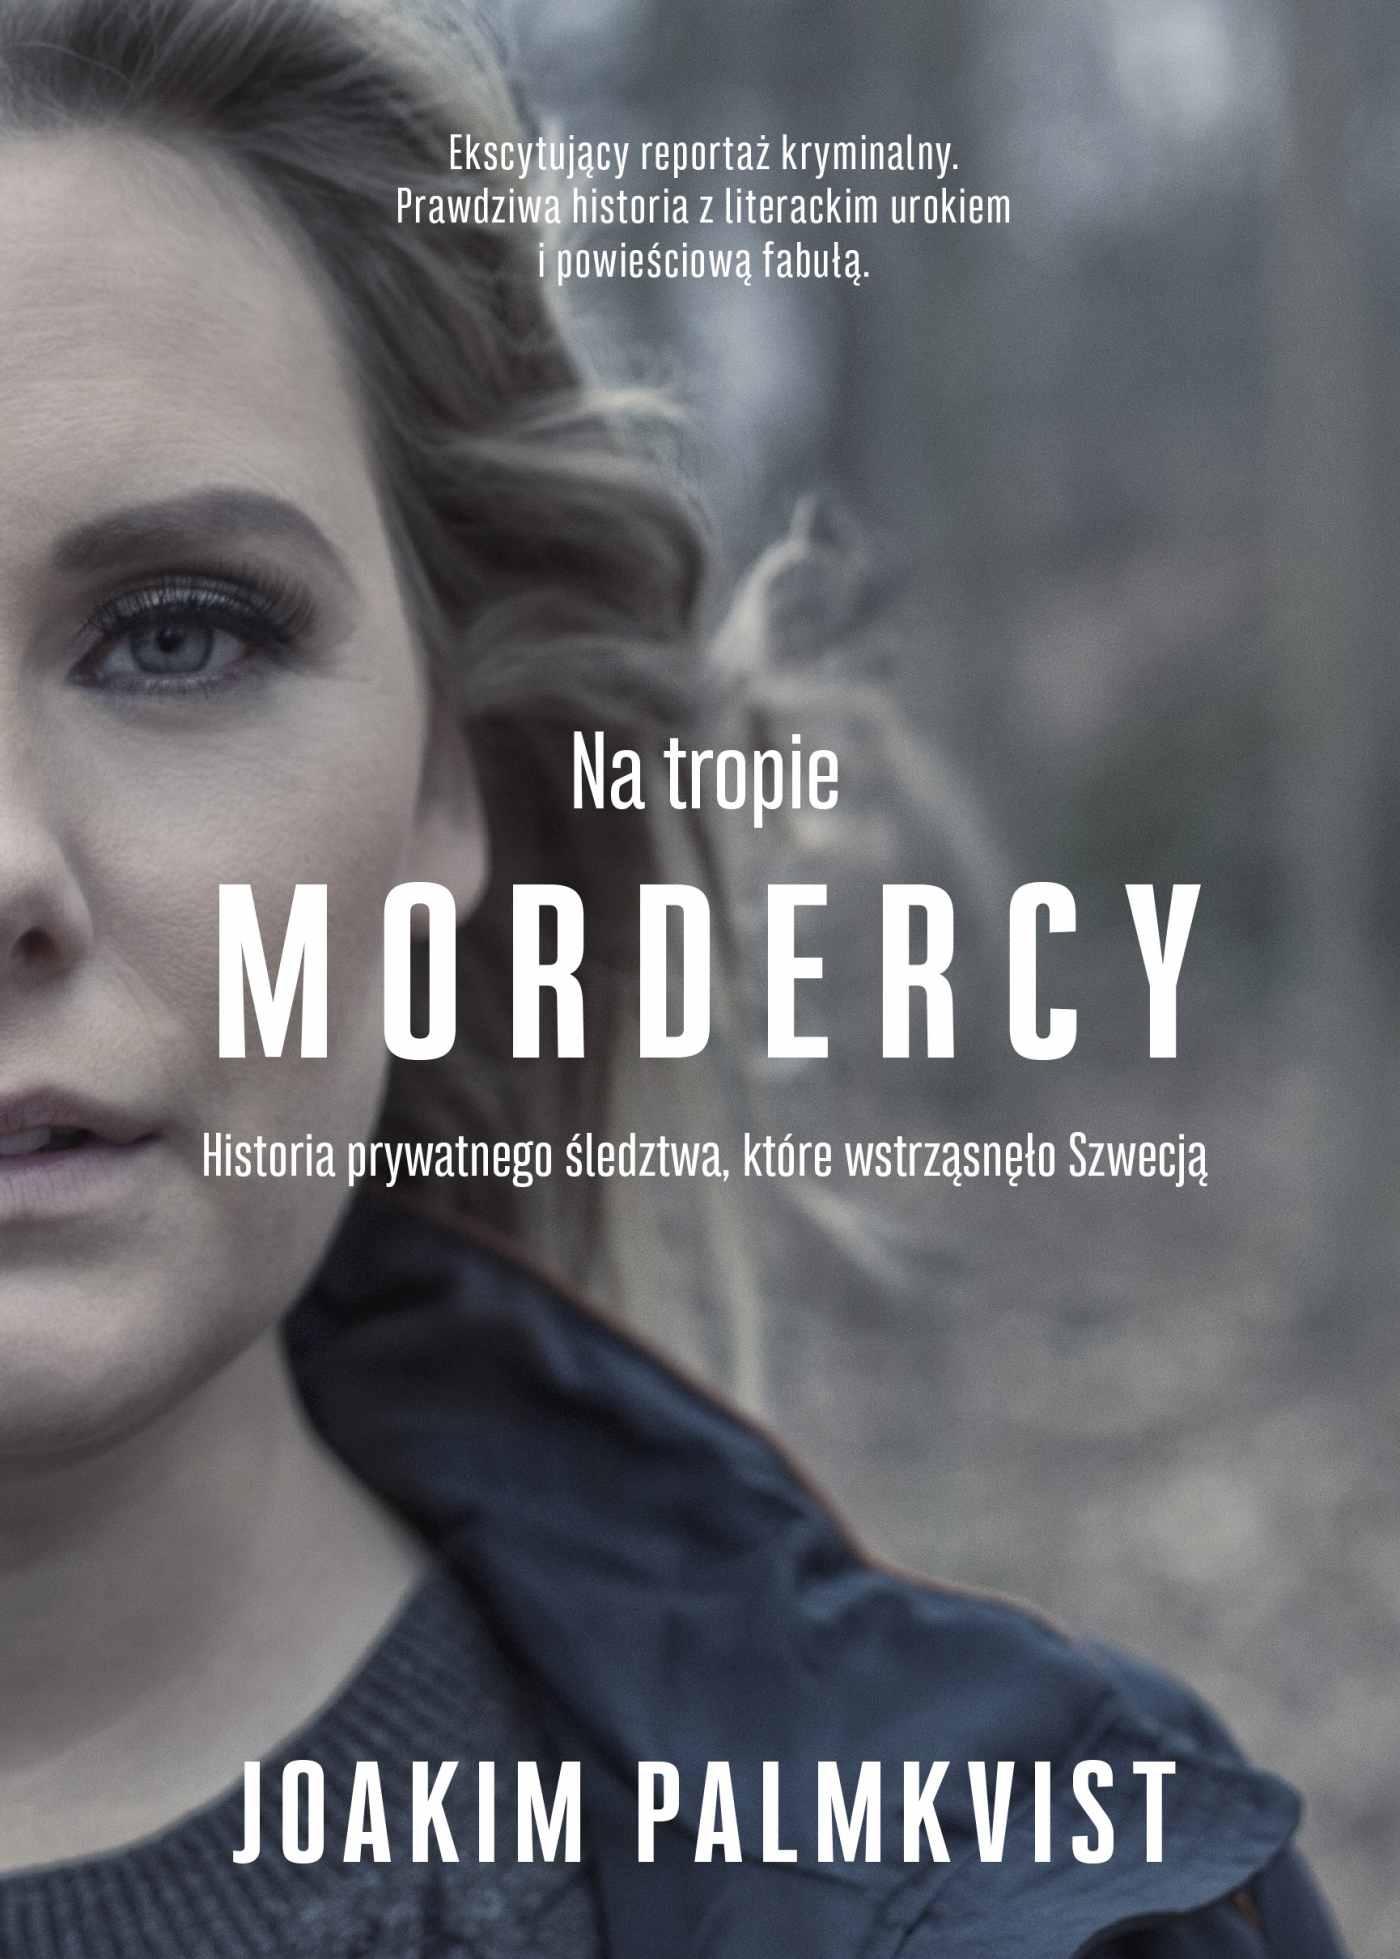 Na tropie mordercy. Historia prywatnego śledztwa, które wstrząsnęło Szwecją - Ebook (Książka EPUB) do pobrania w formacie EPUB